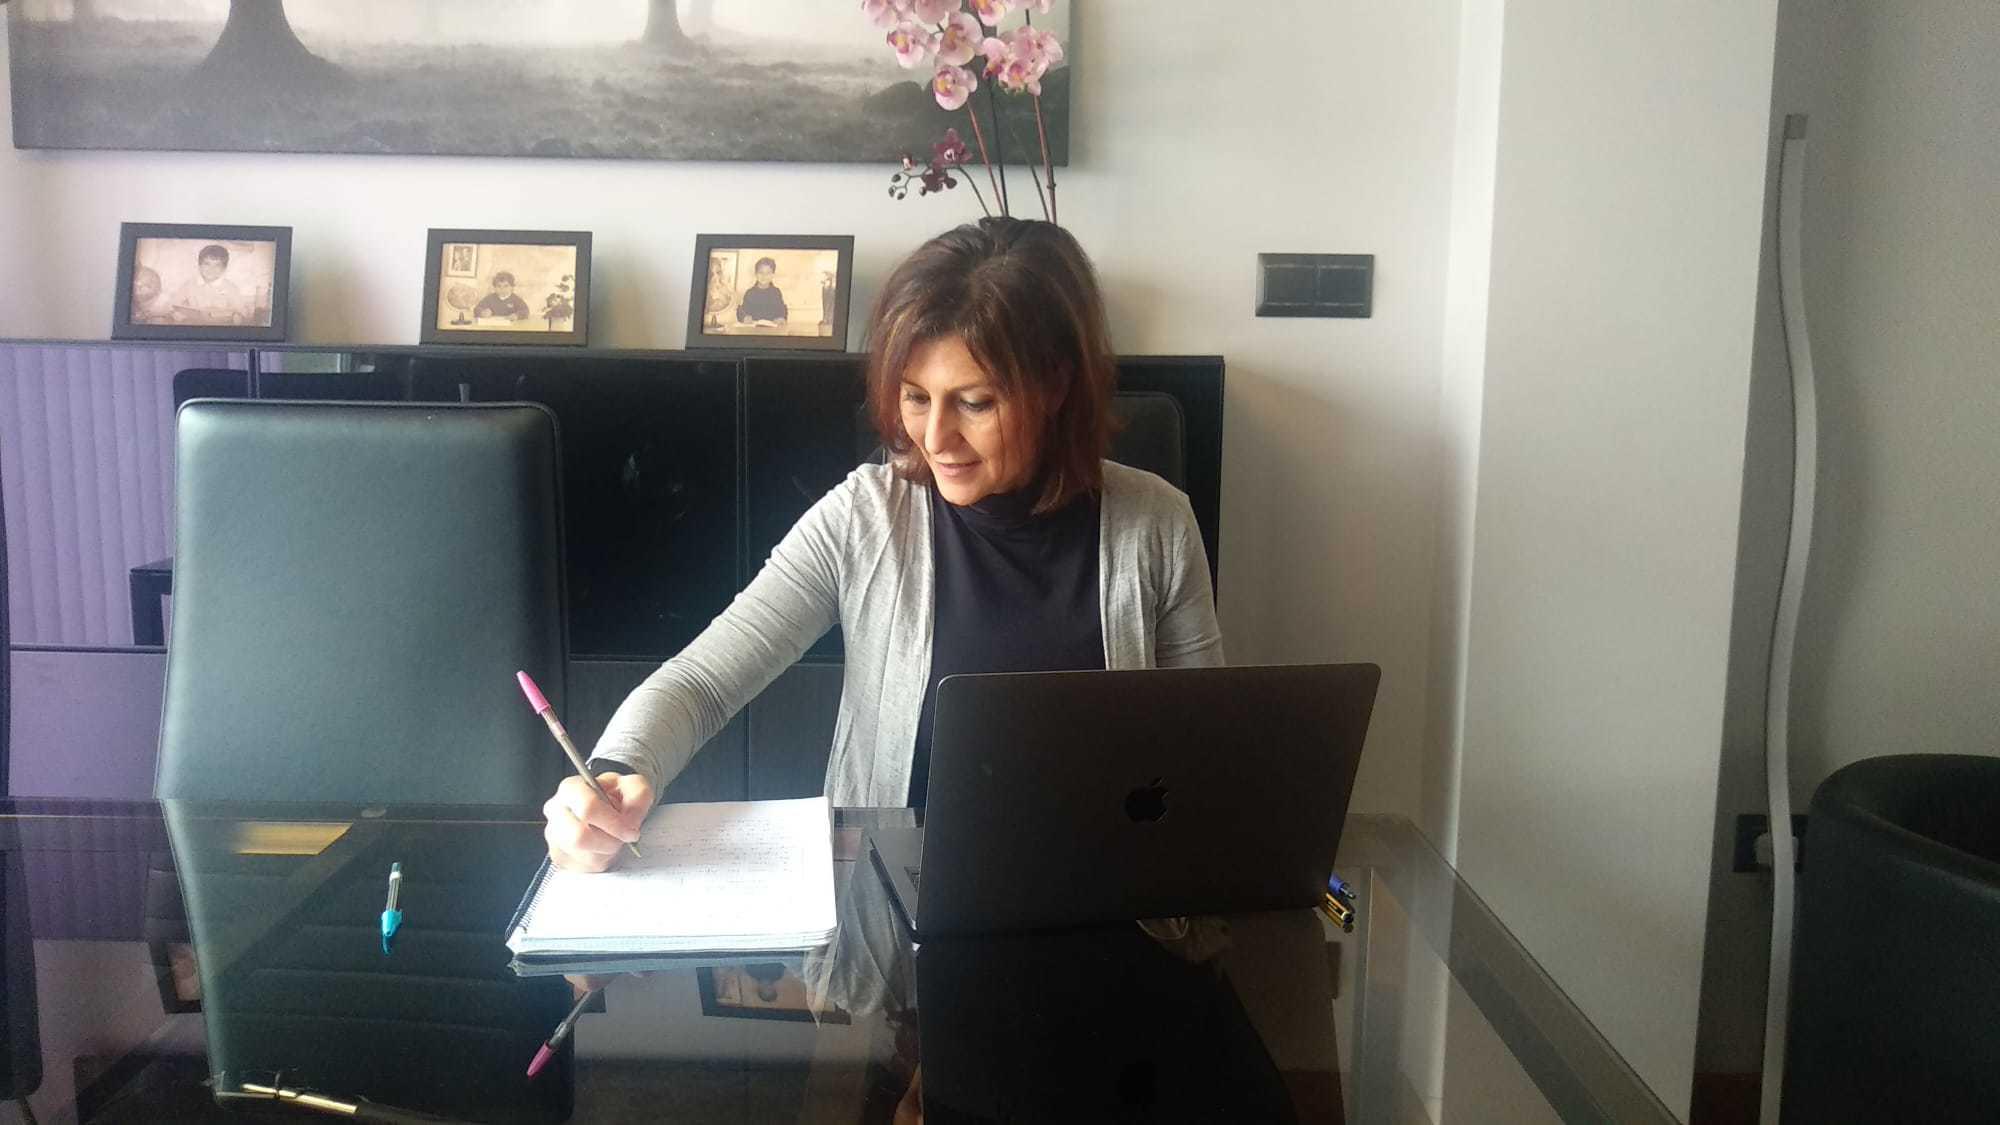 Estefanía Segura prepara sus clases en el salón de su domicilio.